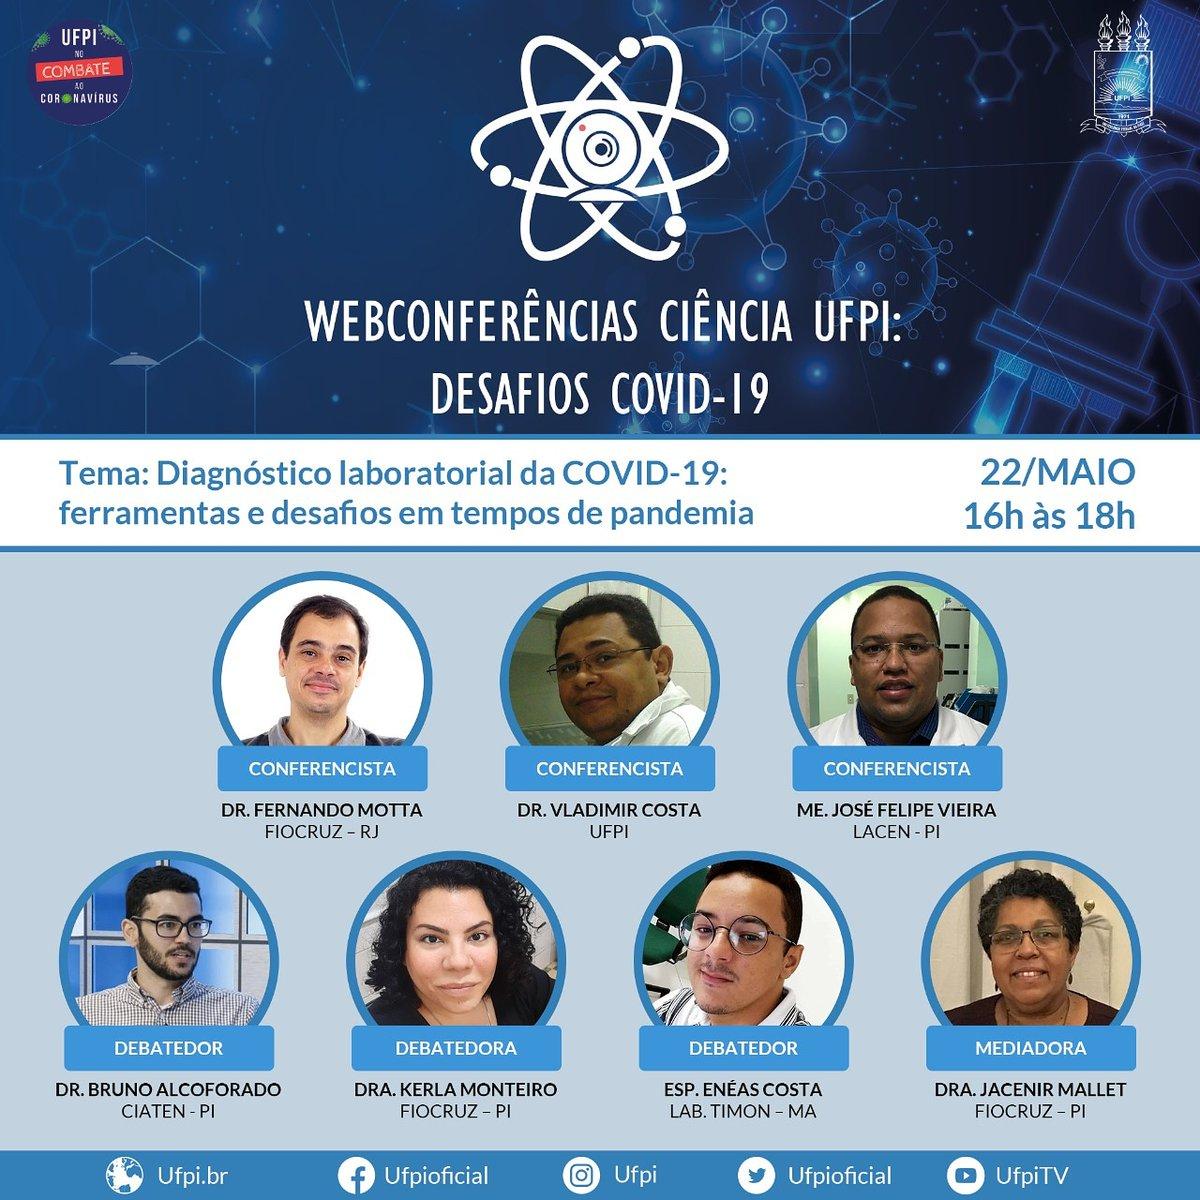 Webconferências Ciência UFPI: Desafios COVID-19 📲📝 . ⚛️  Sexta-feira, dia 22/05, teremos a nossa quarta Webconferência.  📲 A Webconferência ocorrerá das 16:00h às 18:00h,  e pode ser acompanhada pelo YouTube ou pelo  . . . #ufpi #minhaufpi